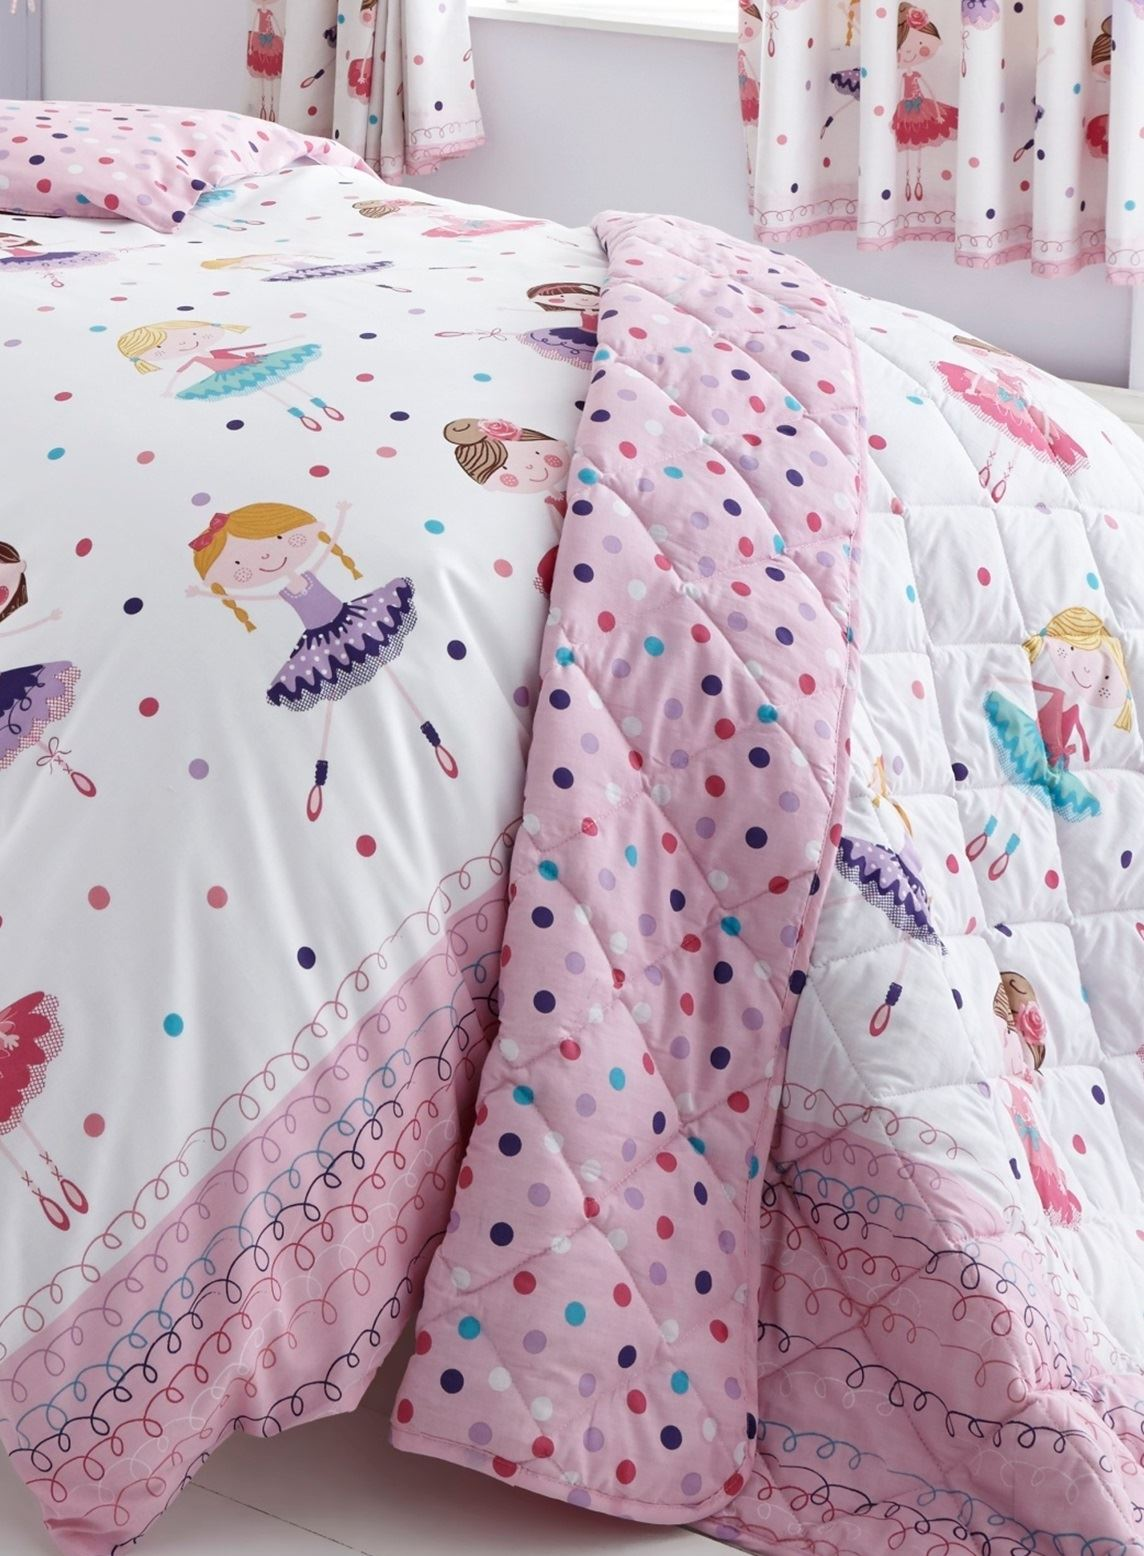 copripiumino e tende uguali: arredamento e bricolage gt letto ... - Copripiumino Bianco E Rosa